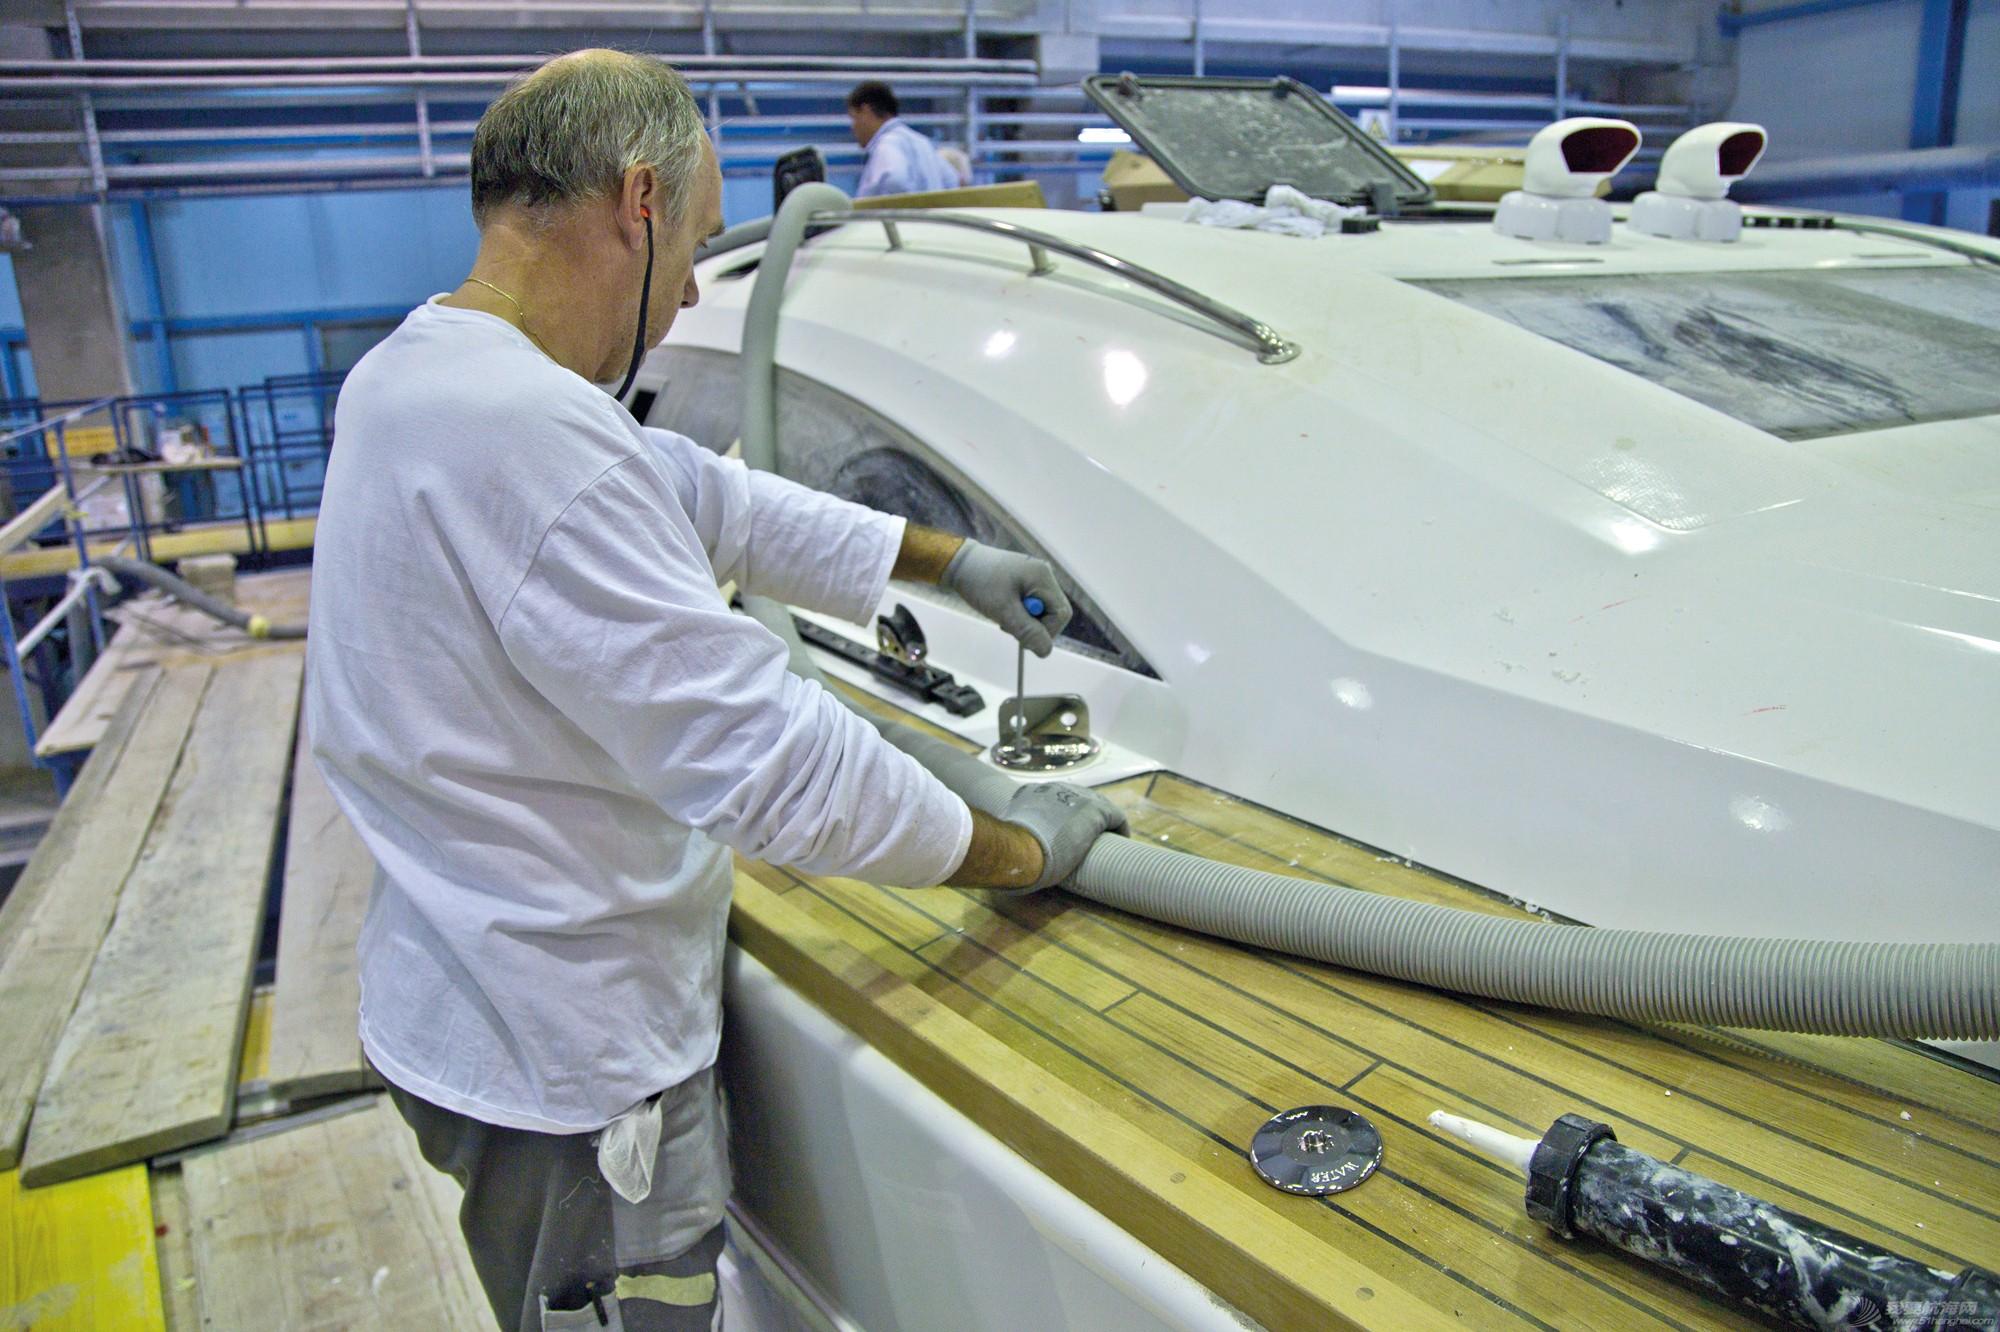 帆船,休闲,印象 elan IMPRESSION 45豪华休闲帆船 逸蓝45英尺巡航帆船 Elan帆船生产工艺